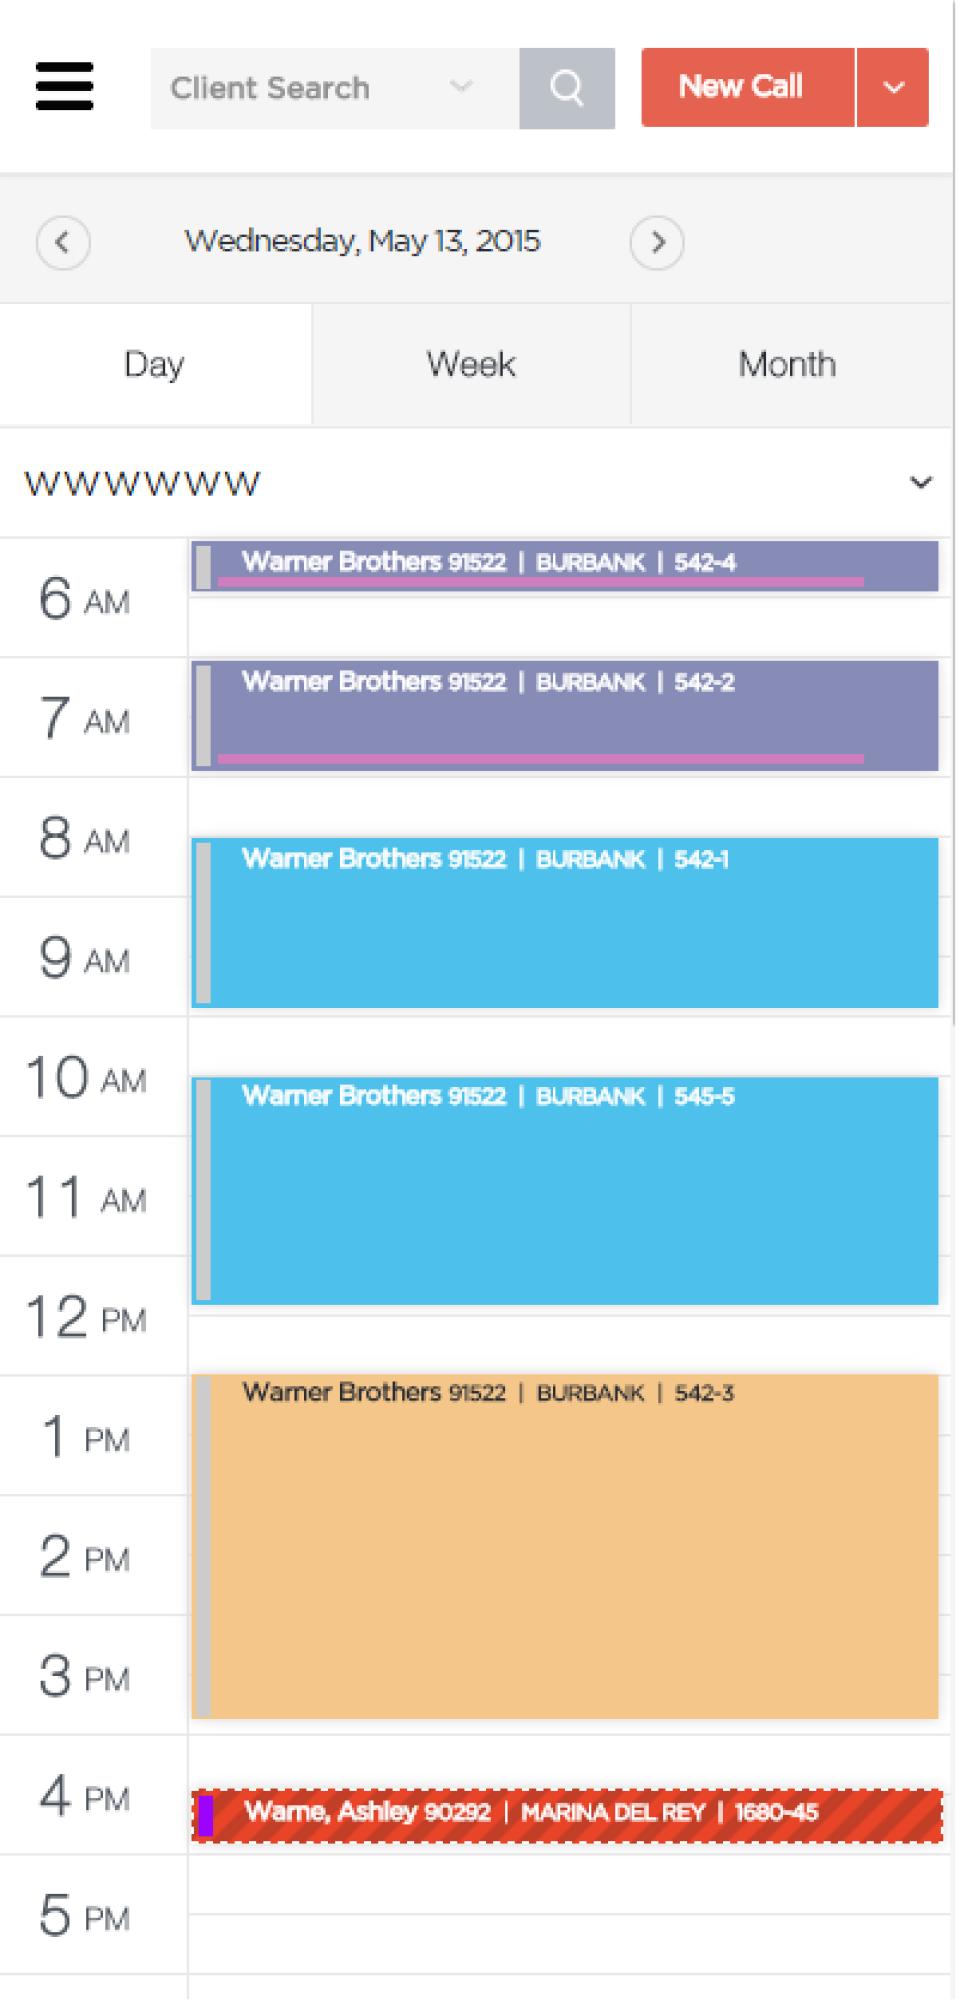 Vonigo Software - Phone - Day Schedule